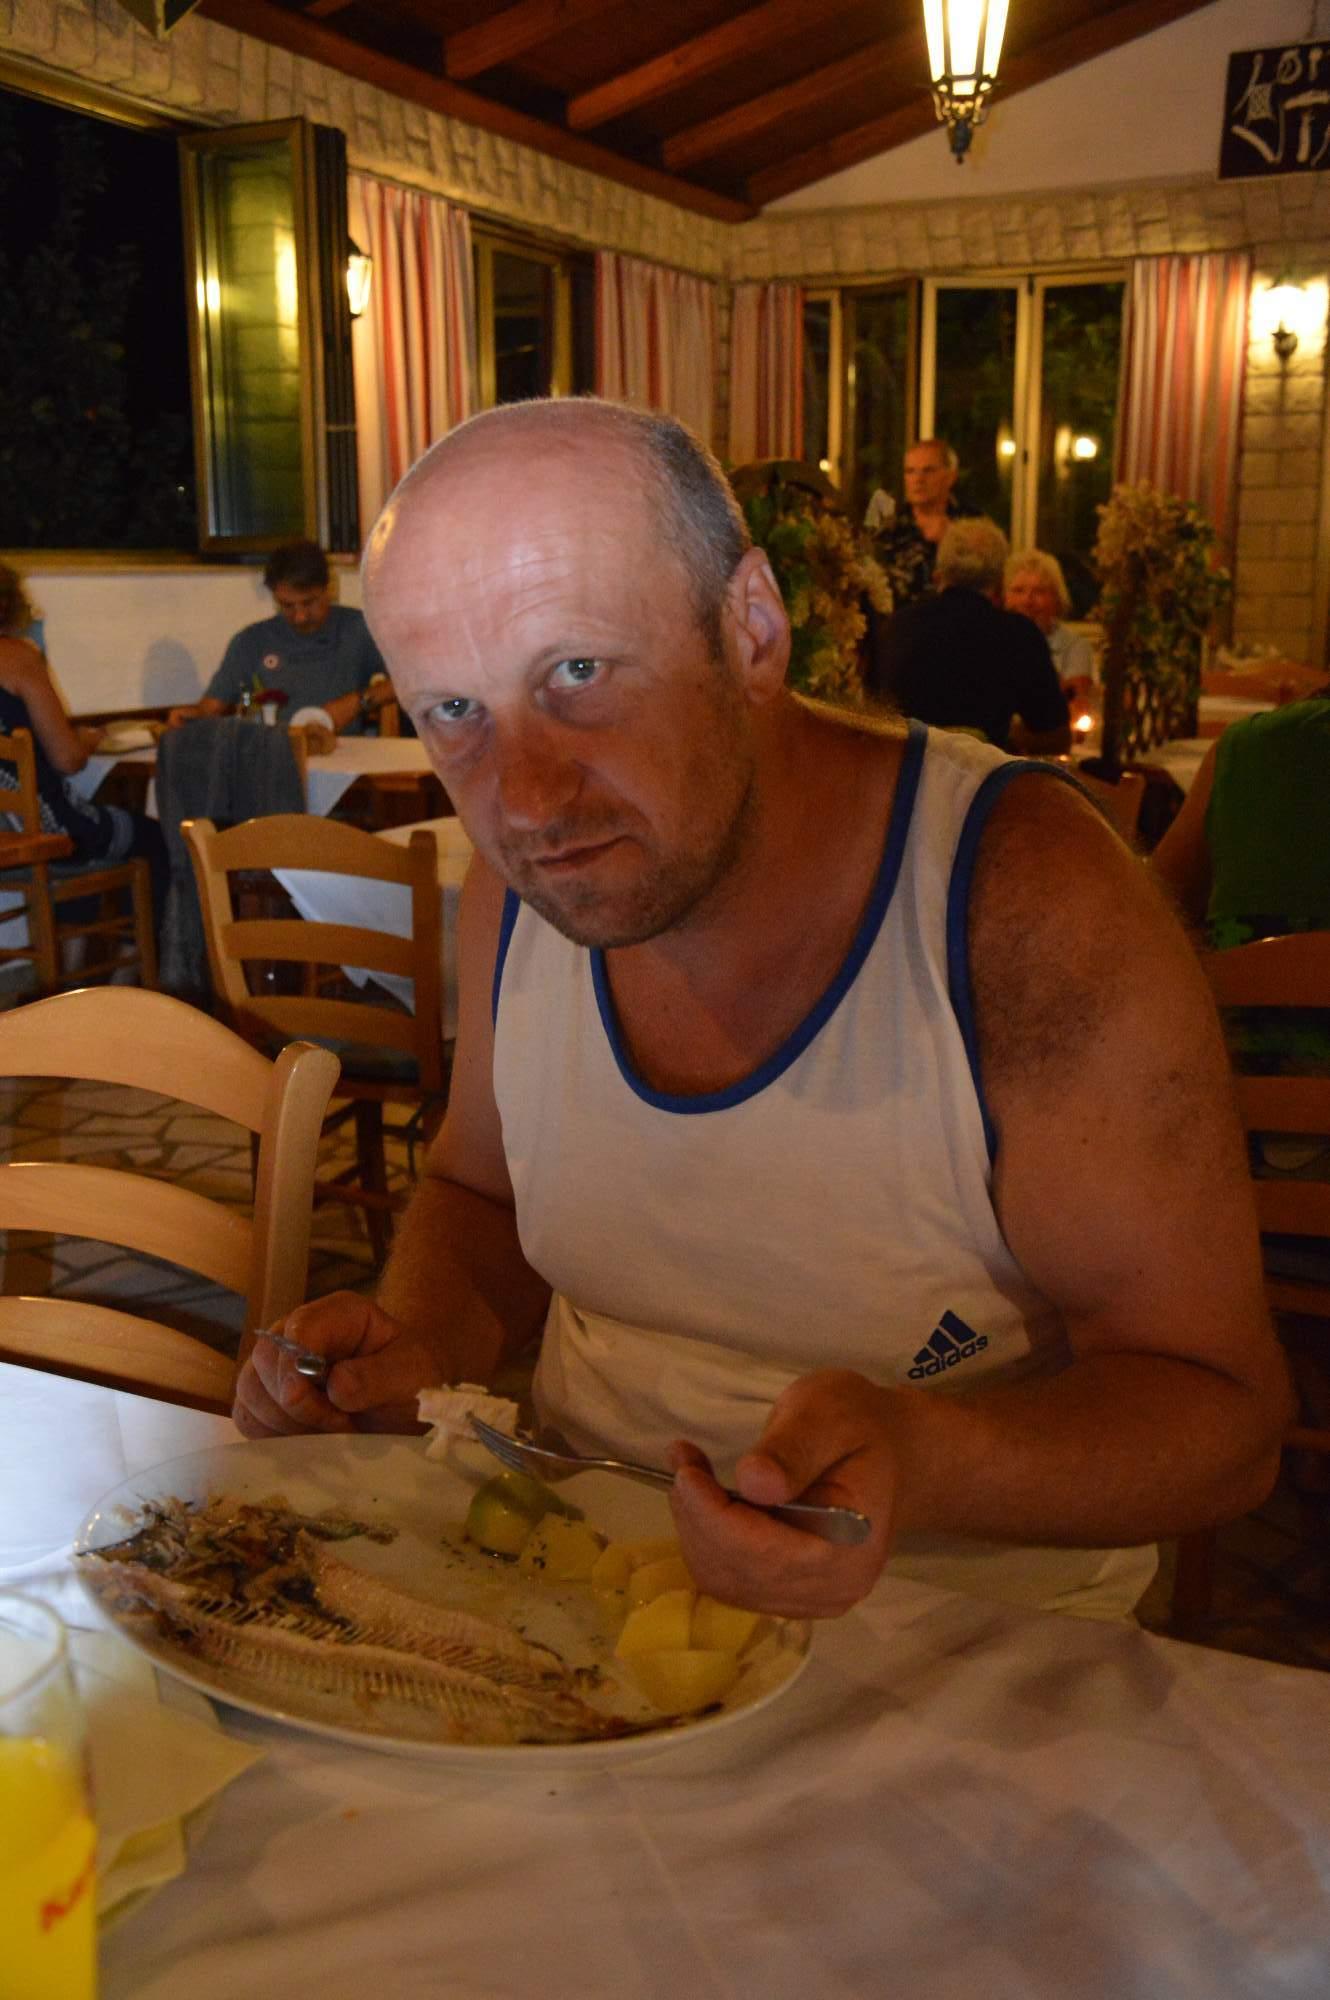 http://img19.rajce.idnes.cz/d1902/11/11369/11369498_ba1b1cc51aa2b100ecd01c05fe1b9075/images/DSC_0394.jpg